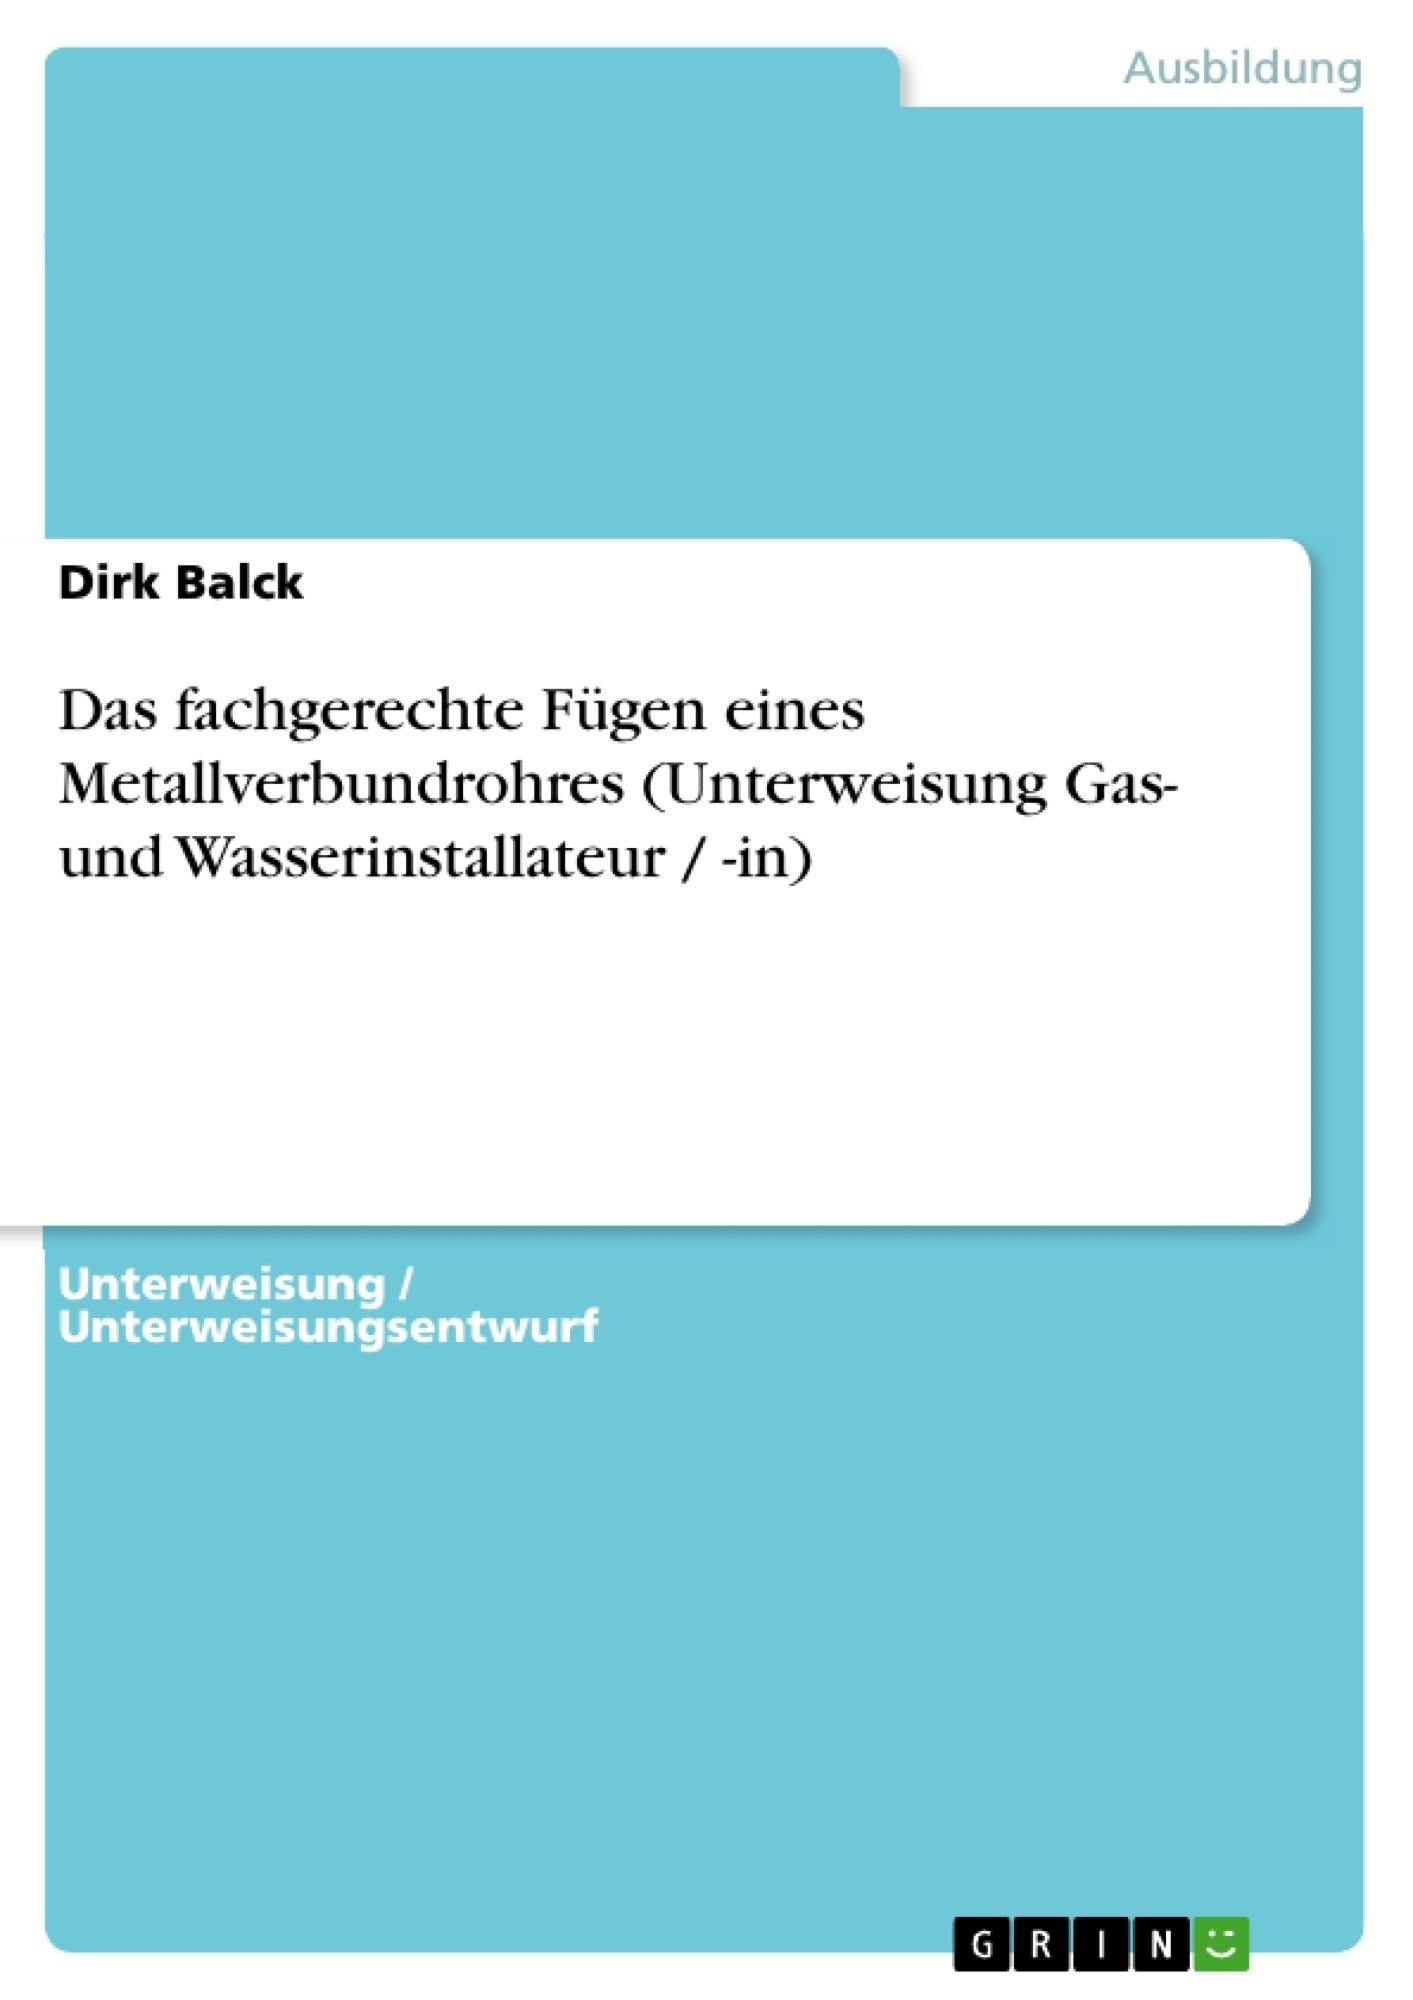 Titel: Das fachgerechte Fügen eines Metallverbundrohres (Unterweisung Gas- und Wasserinstallateur / -in)